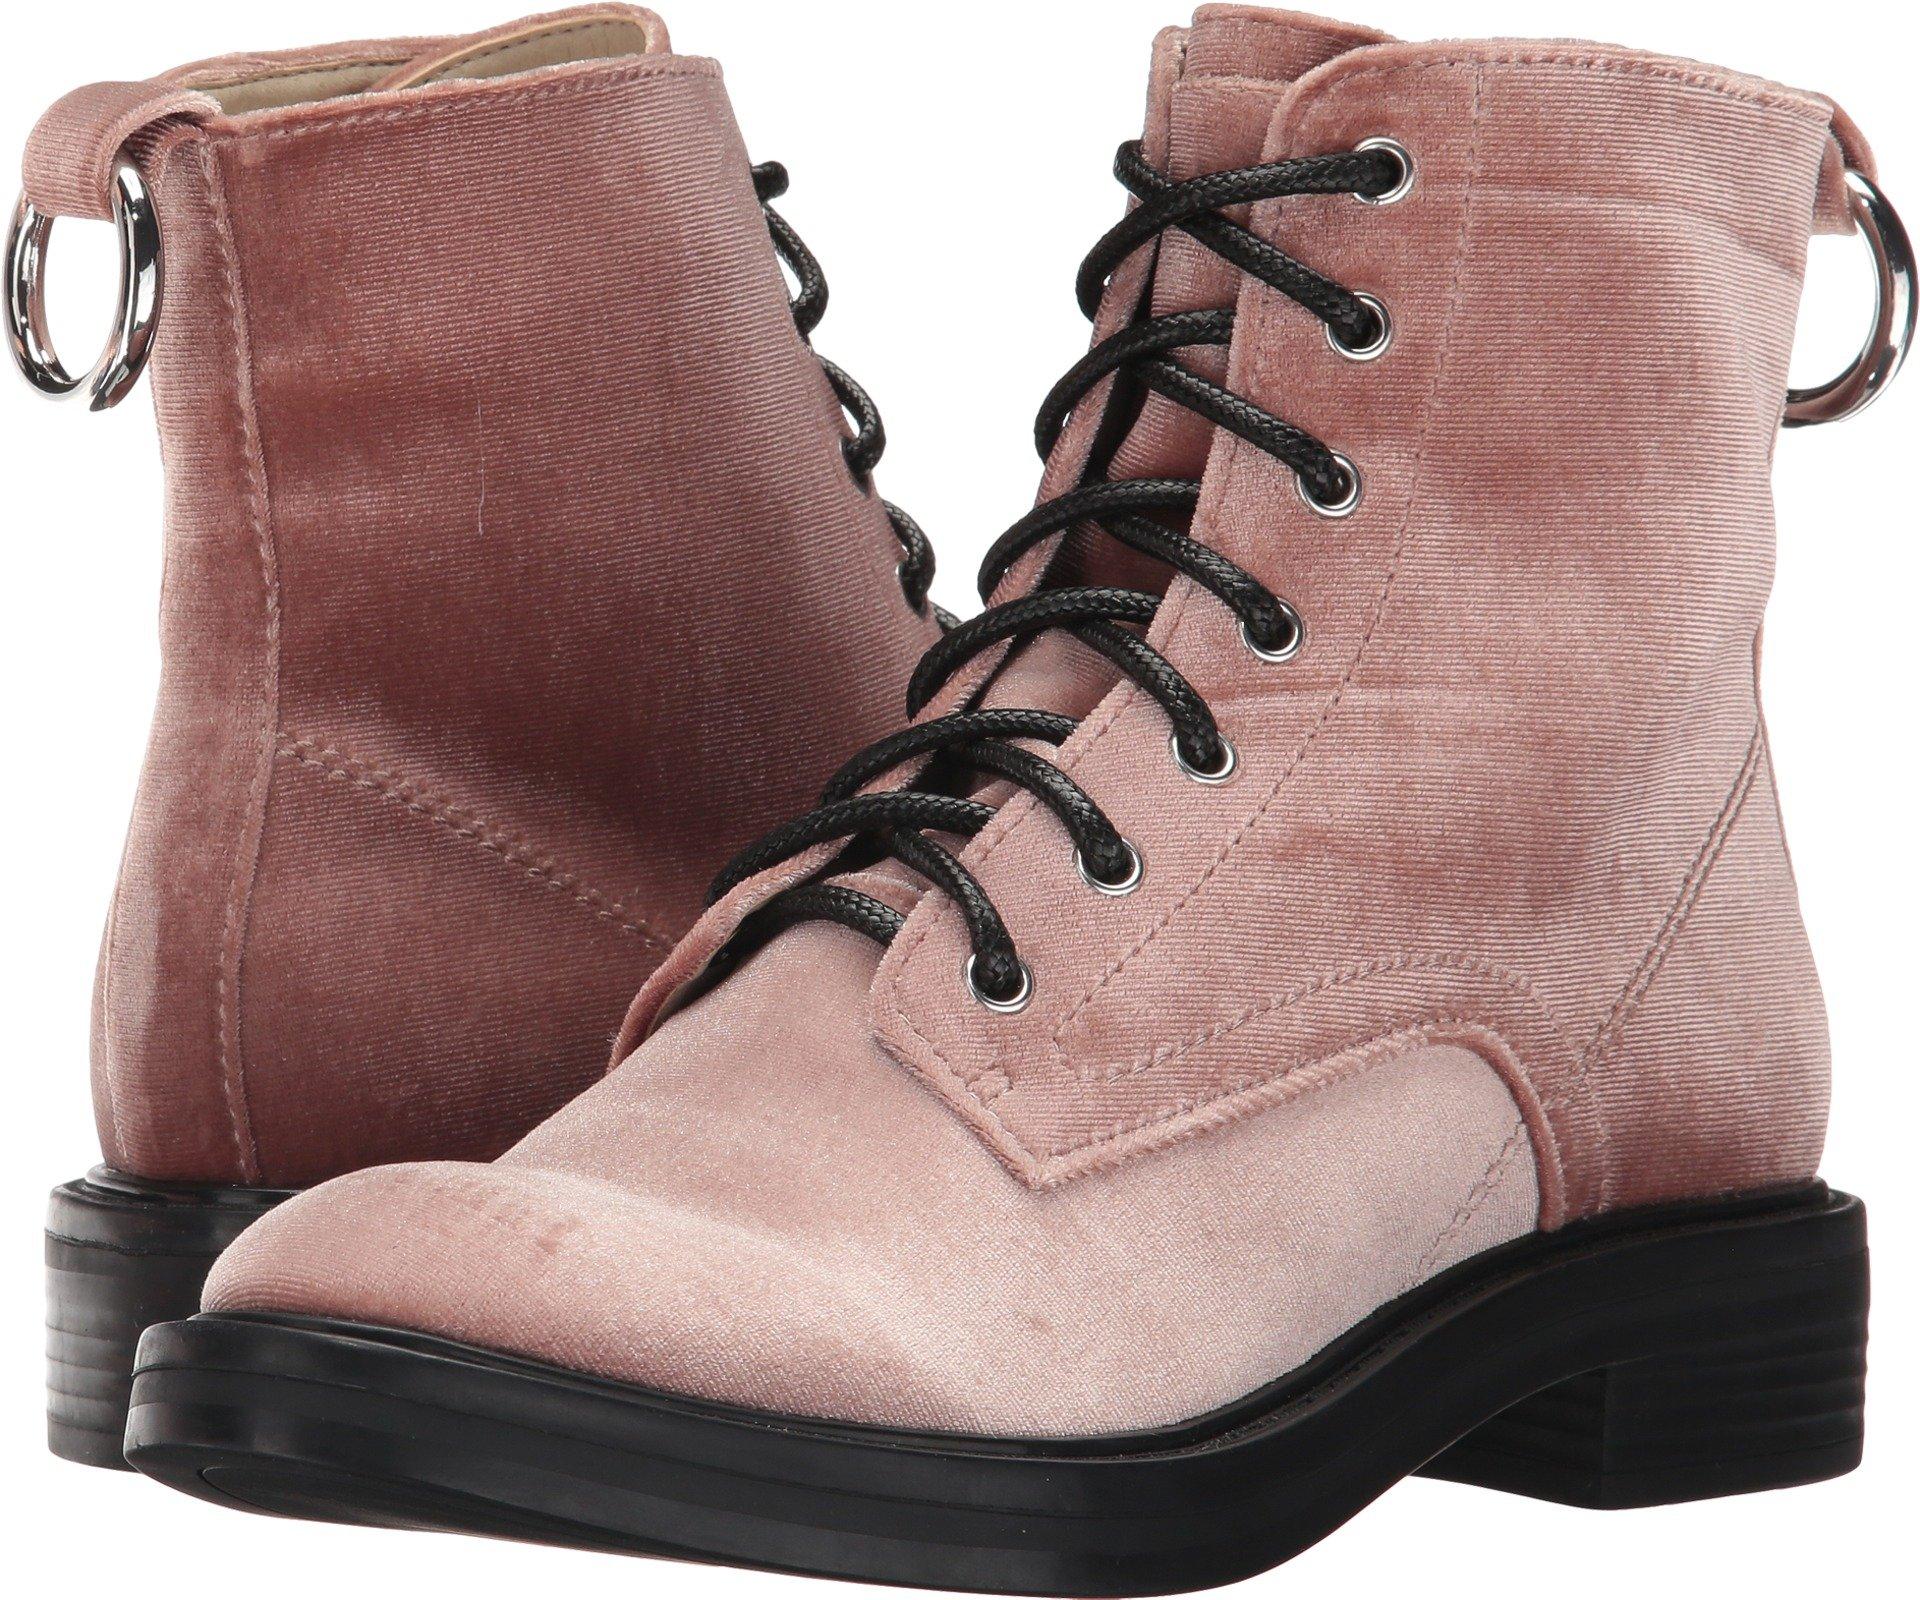 Dolce Vita Women's Bardot Combat Boot, Rose Velvet, 8 Medium US